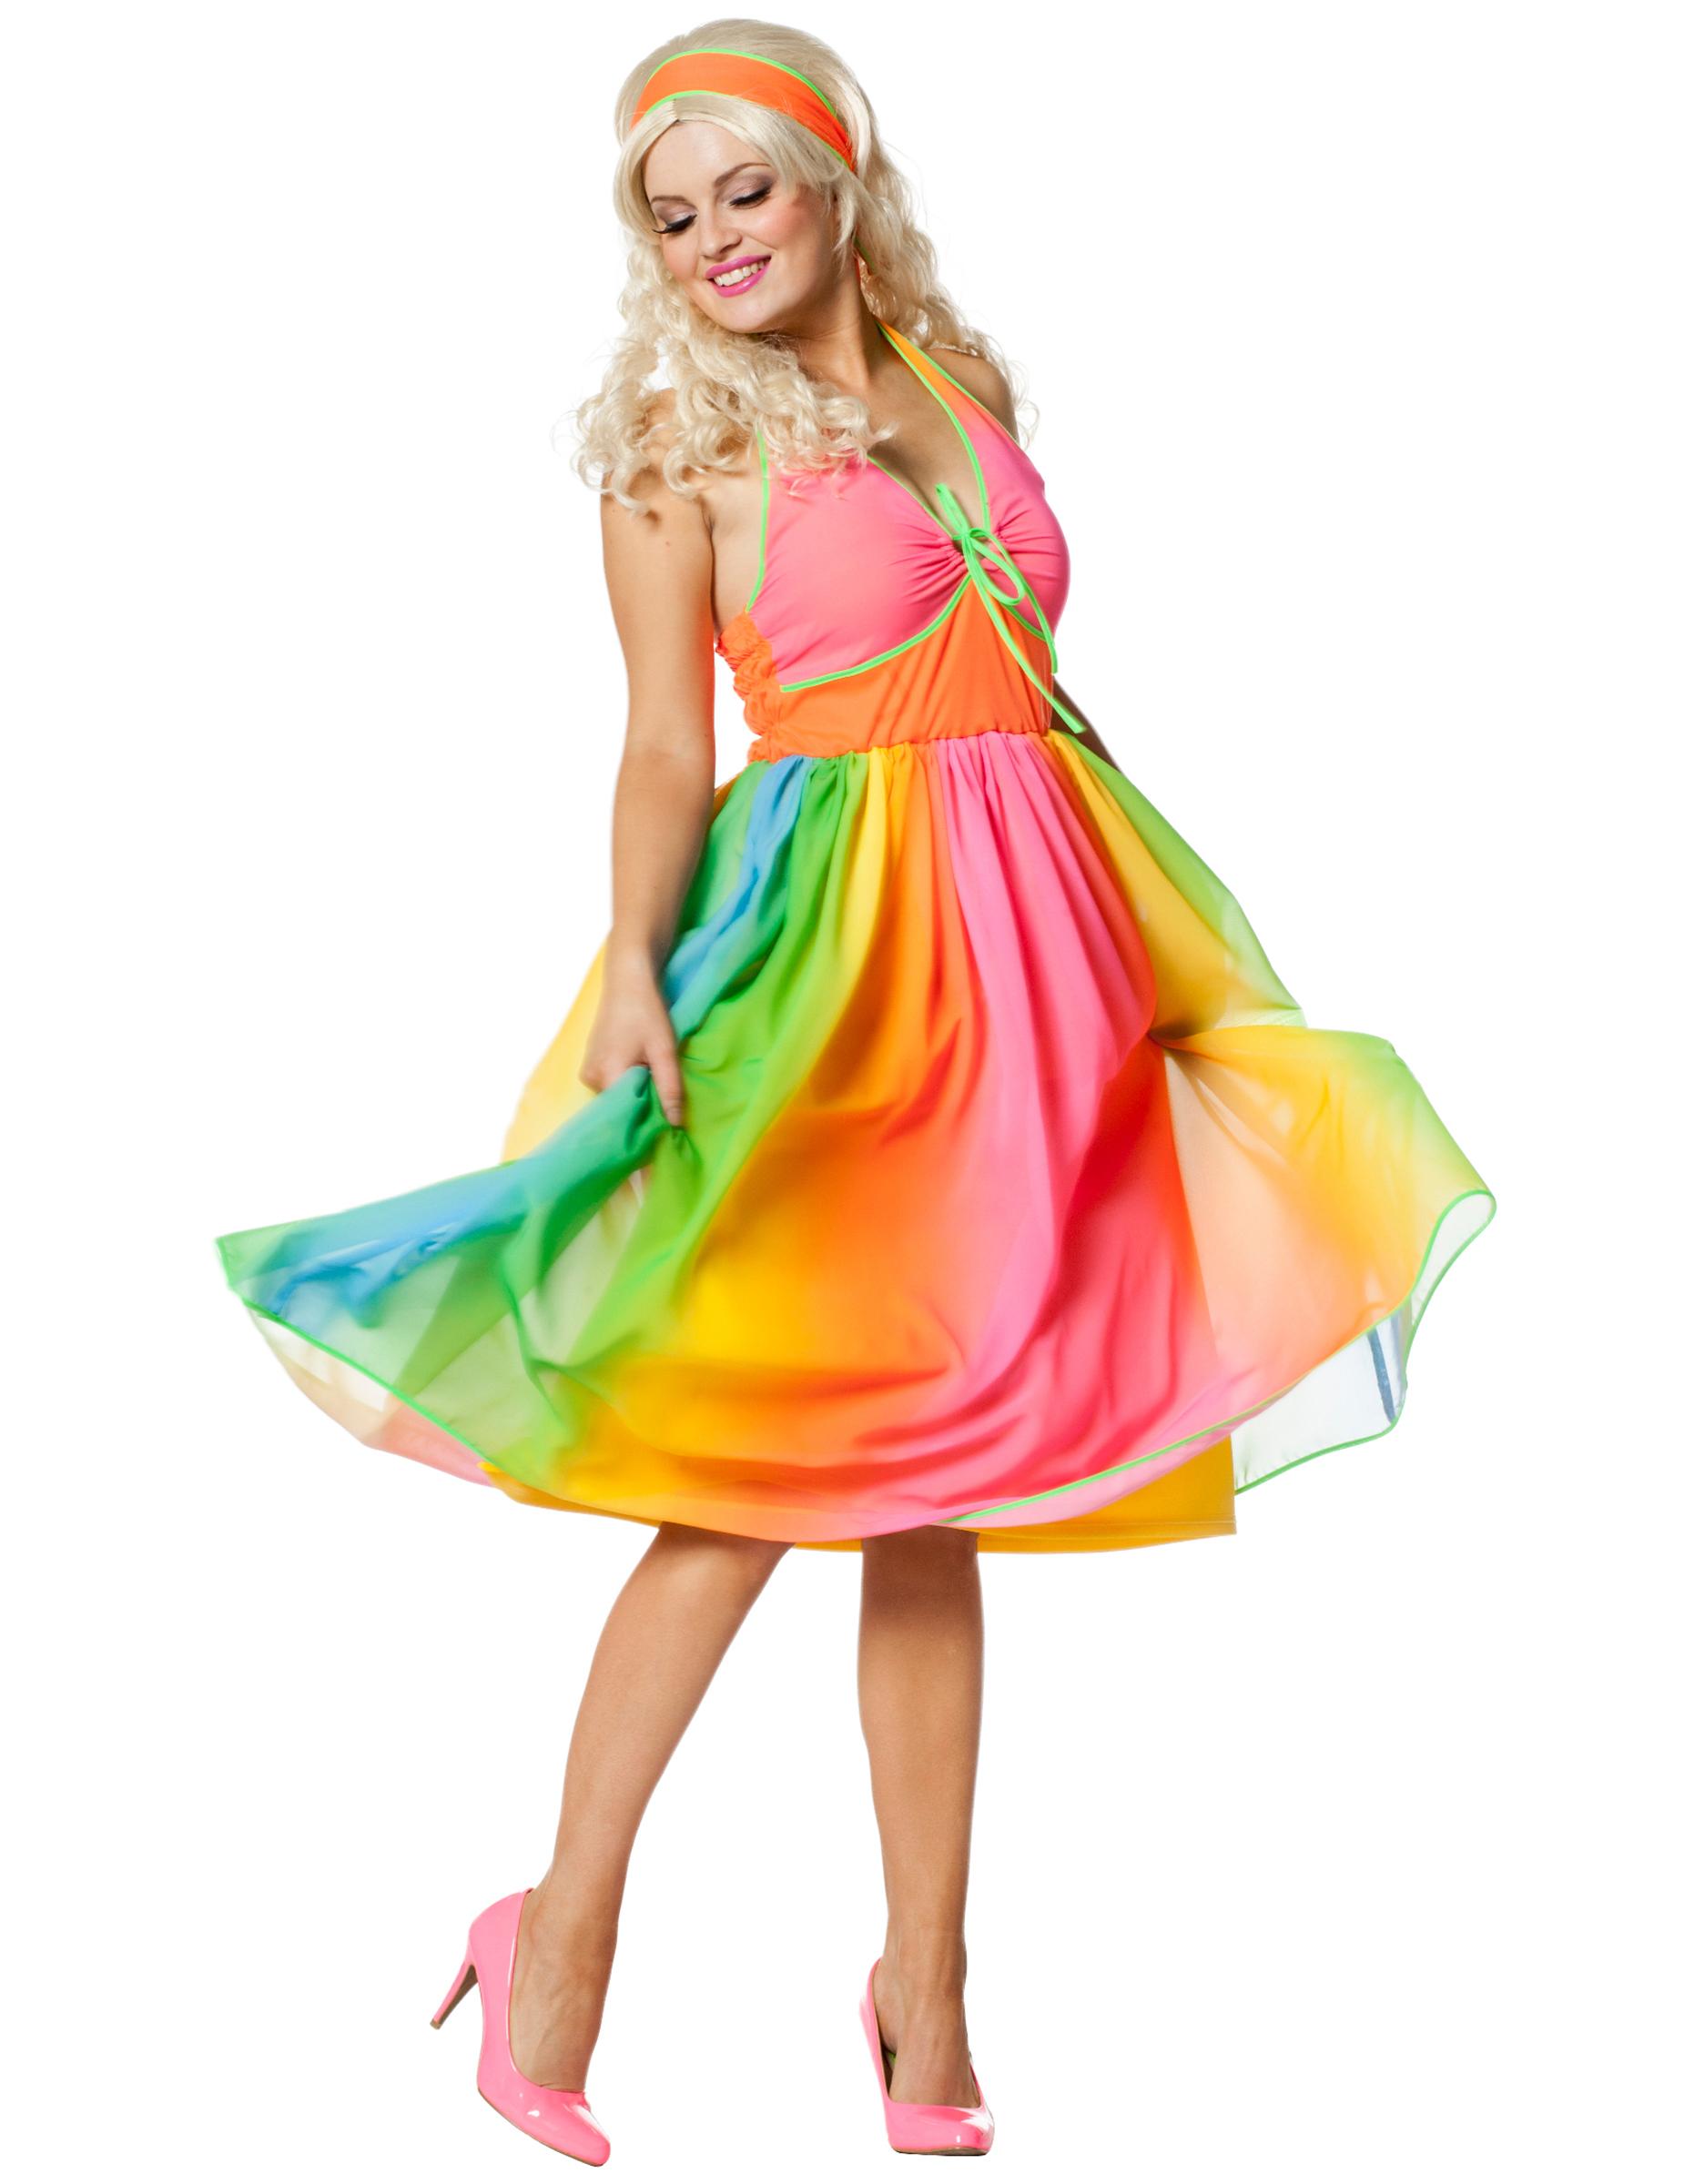 c02859155767d Costume anni 60 arcobaleno per donna  Costumi adulti